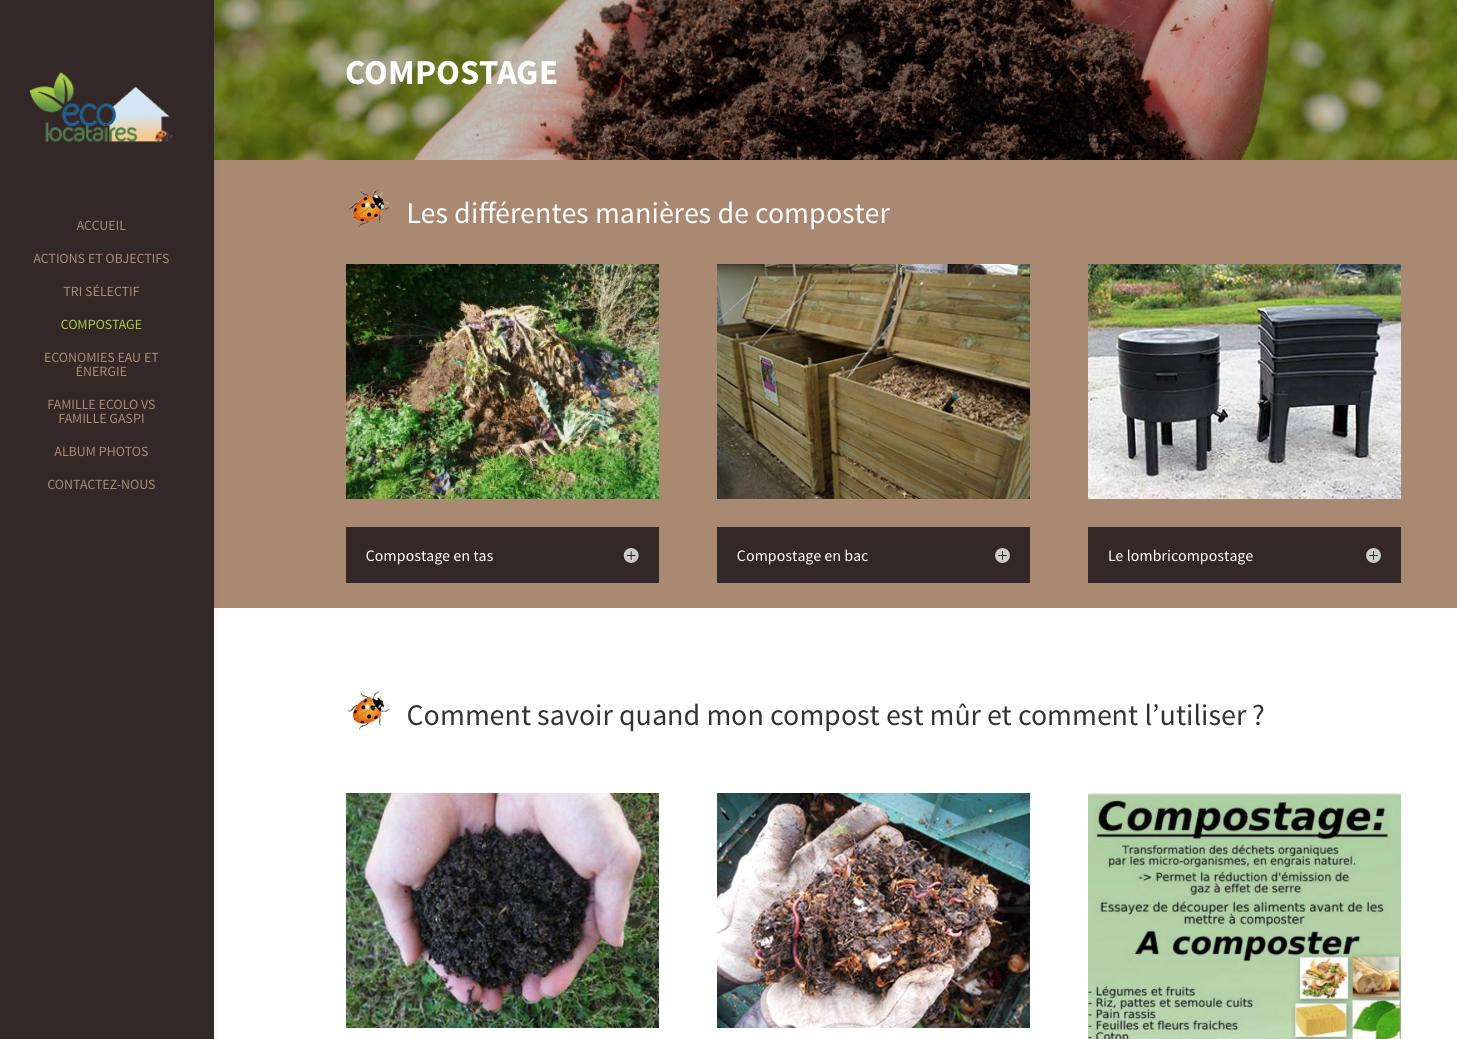 Promouvoir le tri selectif, le recyclage et le compostage, dans les foyers